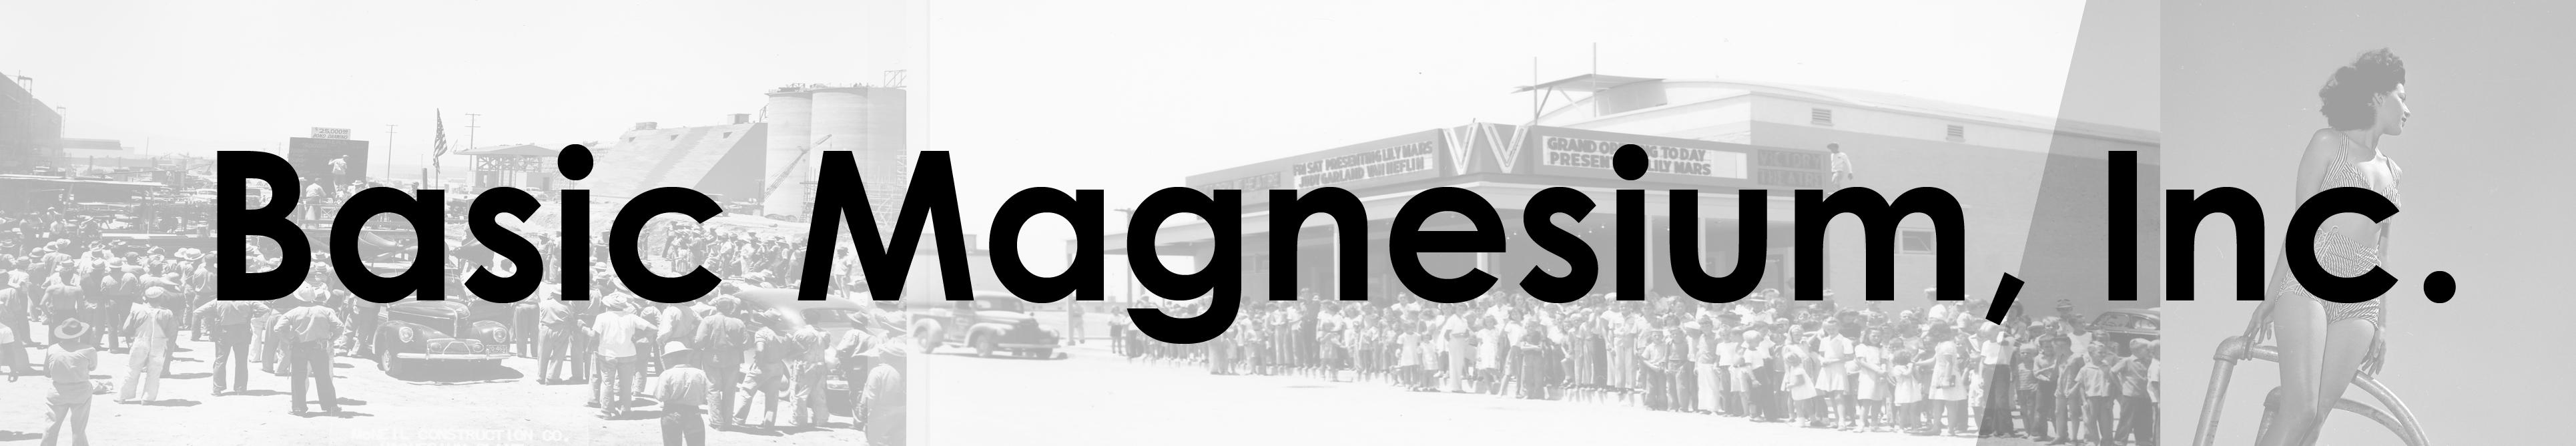 Basic Magnesium, Inc.